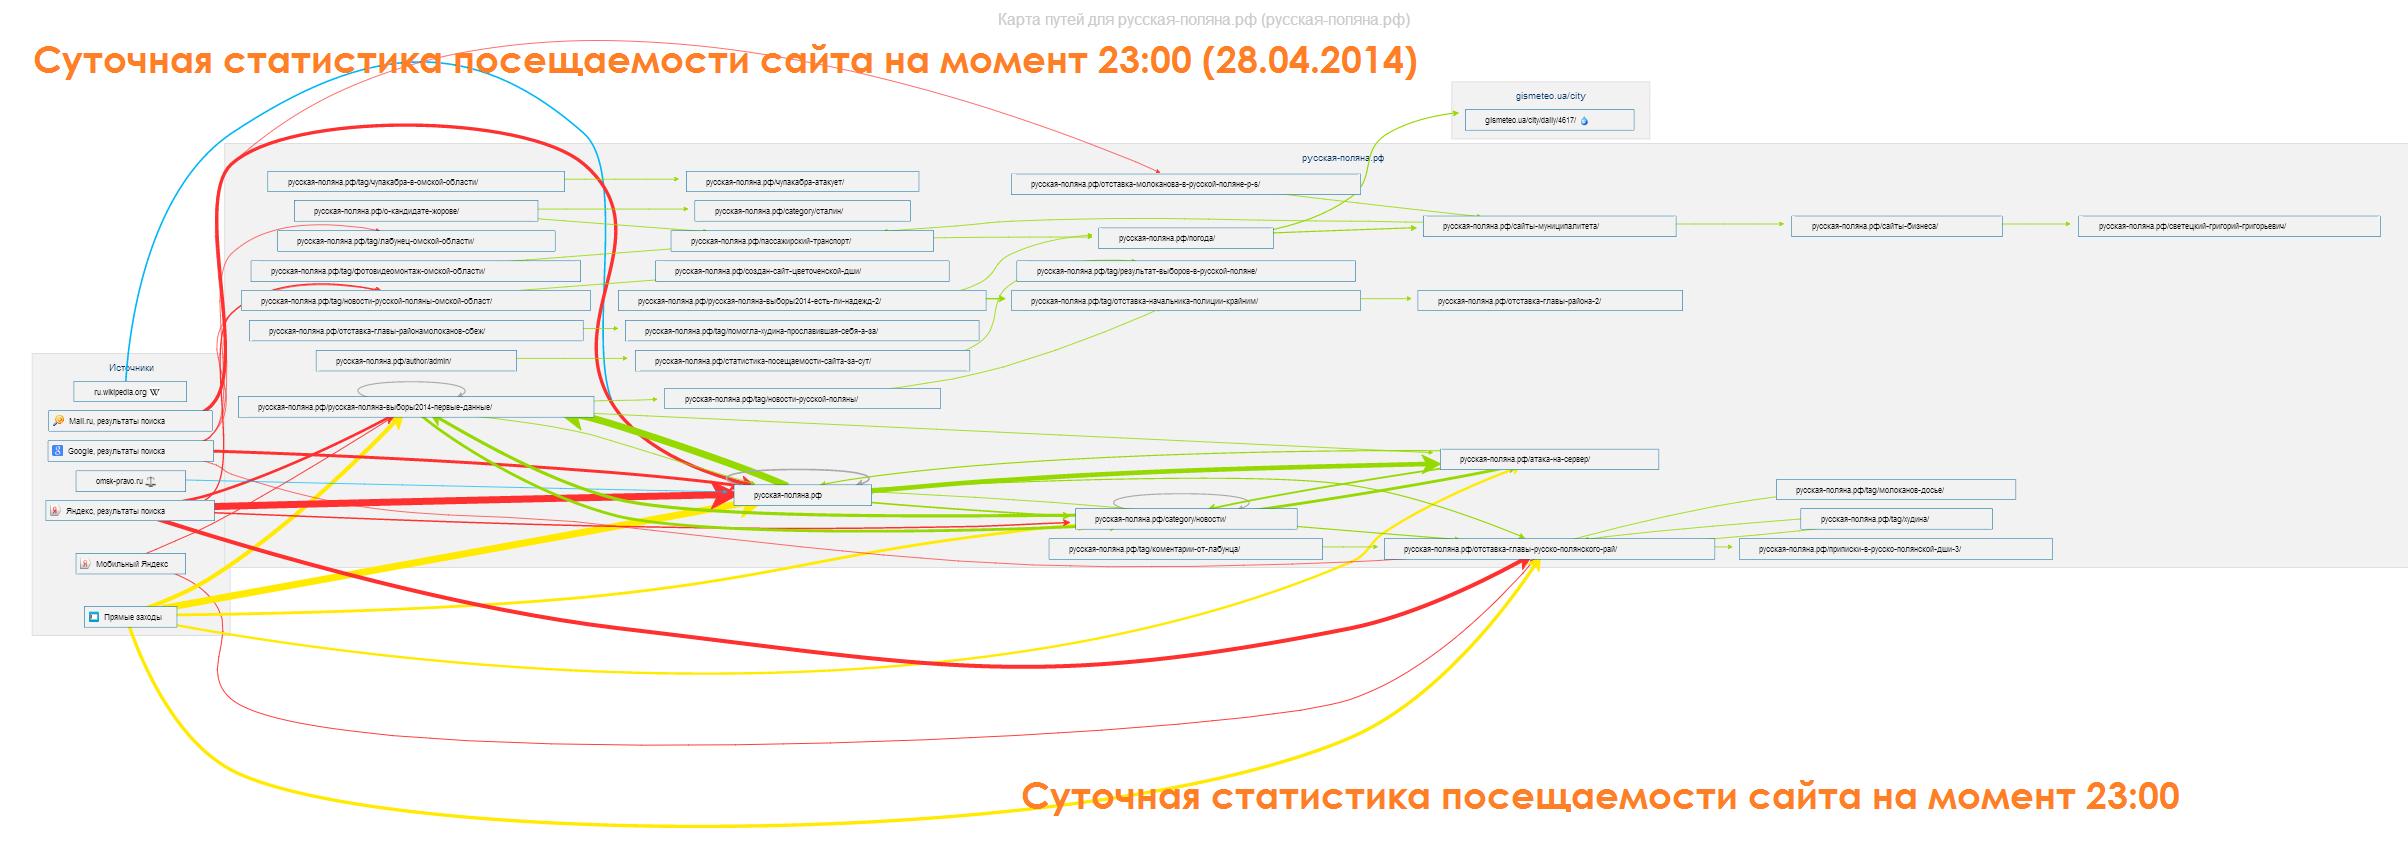 Статистика посещаемости сайта Русской Поляны 28.04.2014-23.00